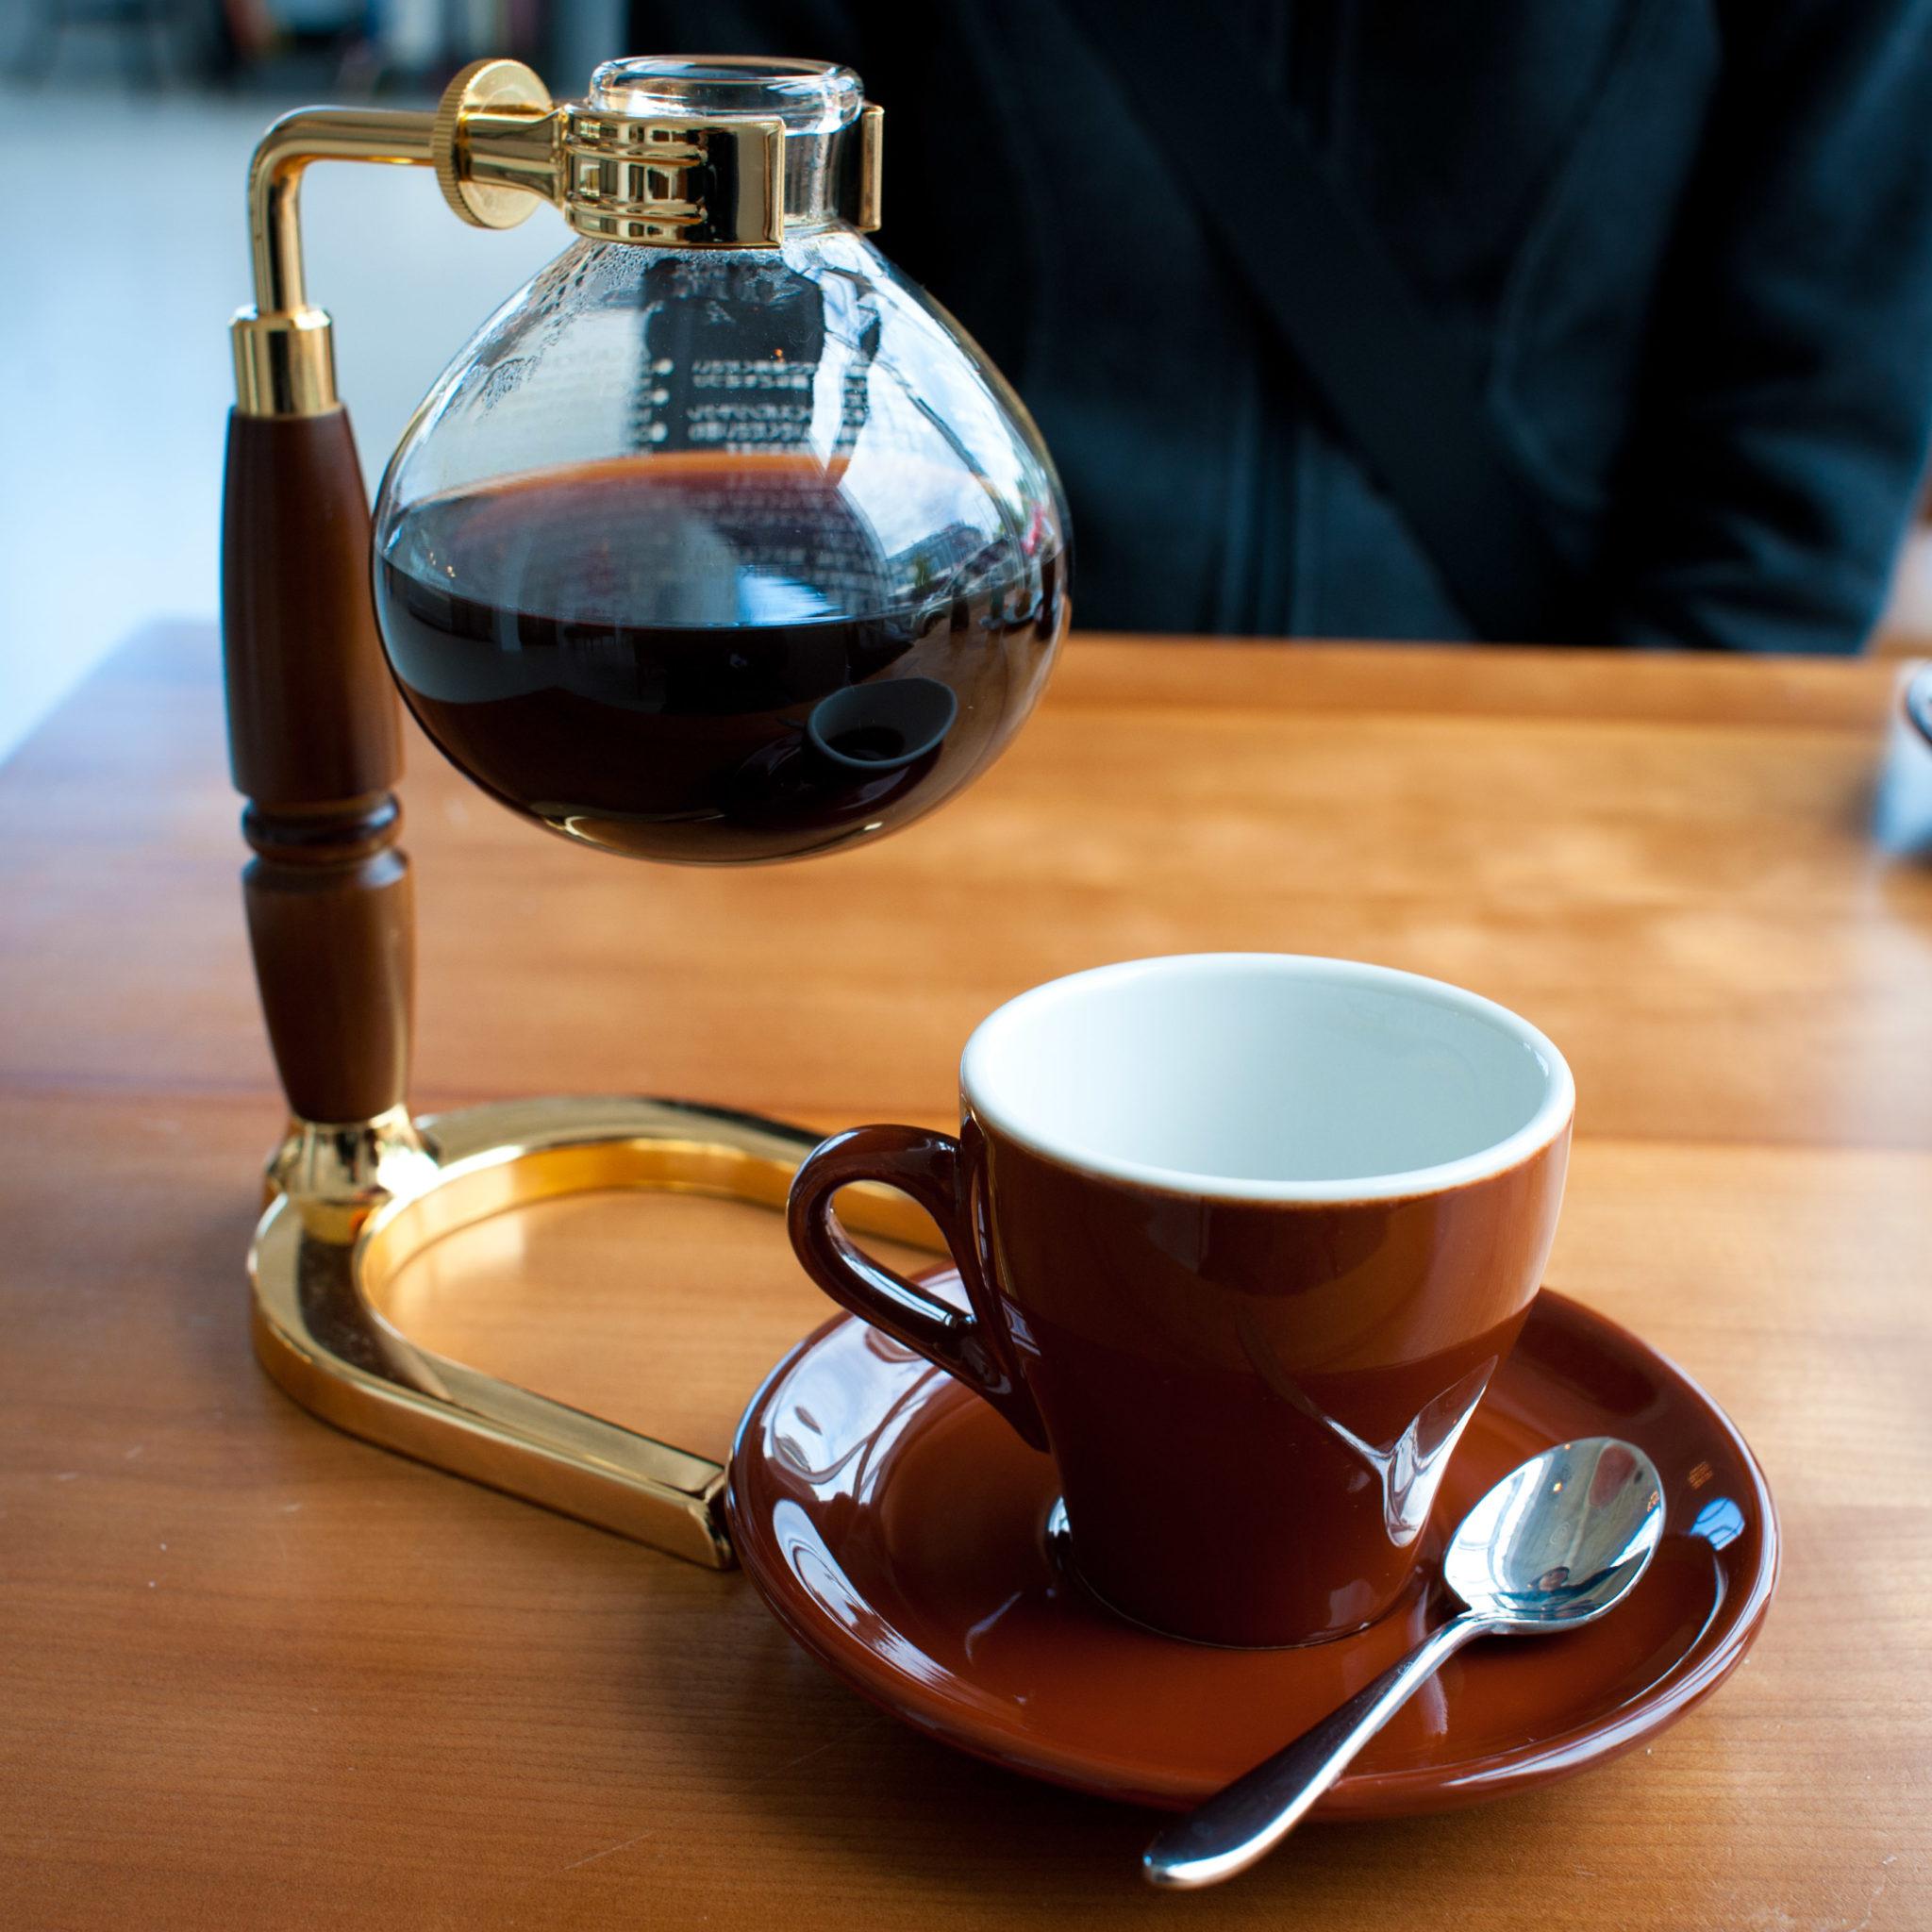 Rocanini,_Siphon_Coffee_(5910298498)